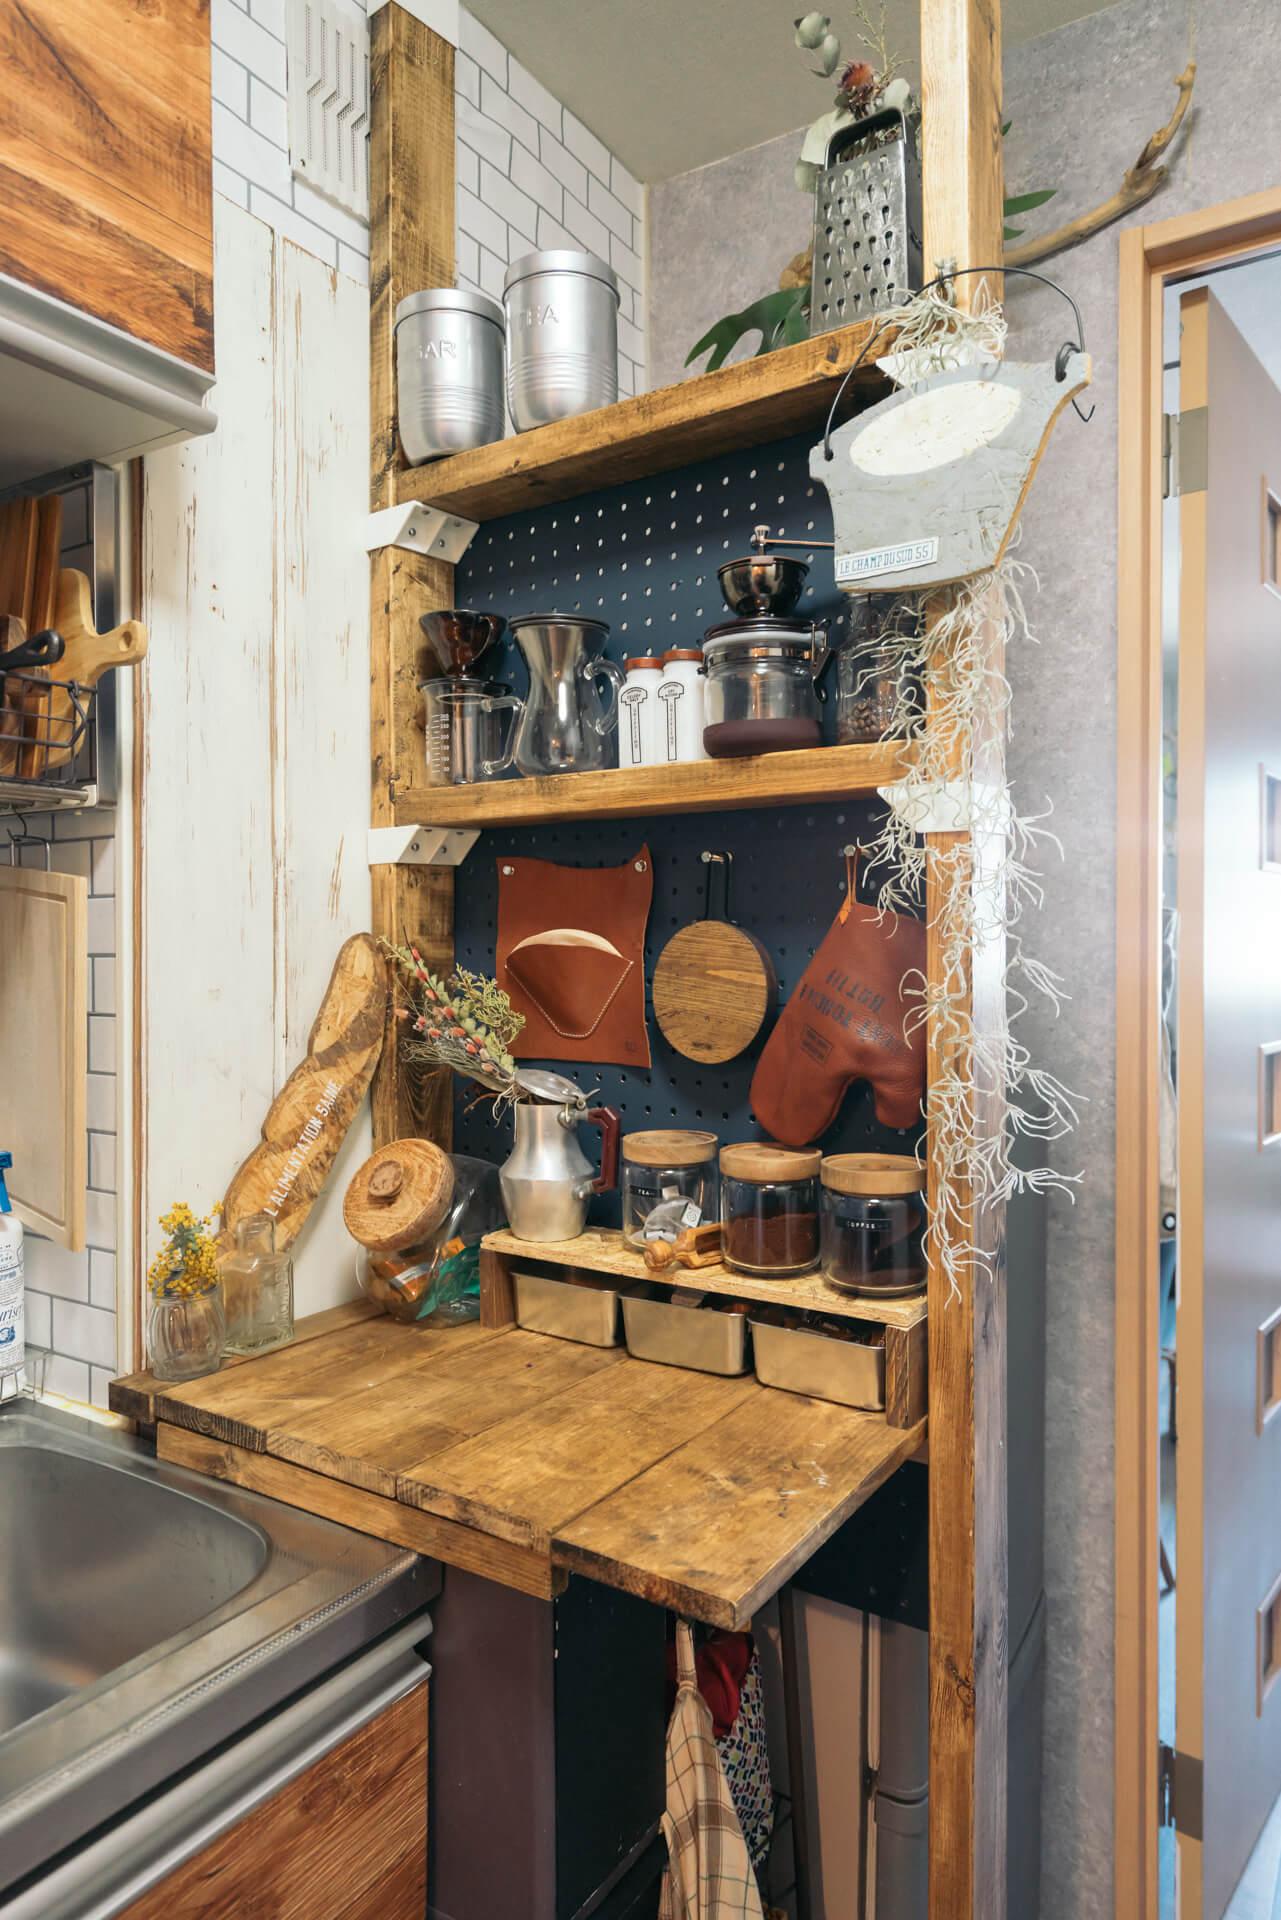 冷蔵庫とキッチンの間の微妙な隙間も、天井と床とでつっぱるキットを買って収納を自作!(このお部屋はこちら)